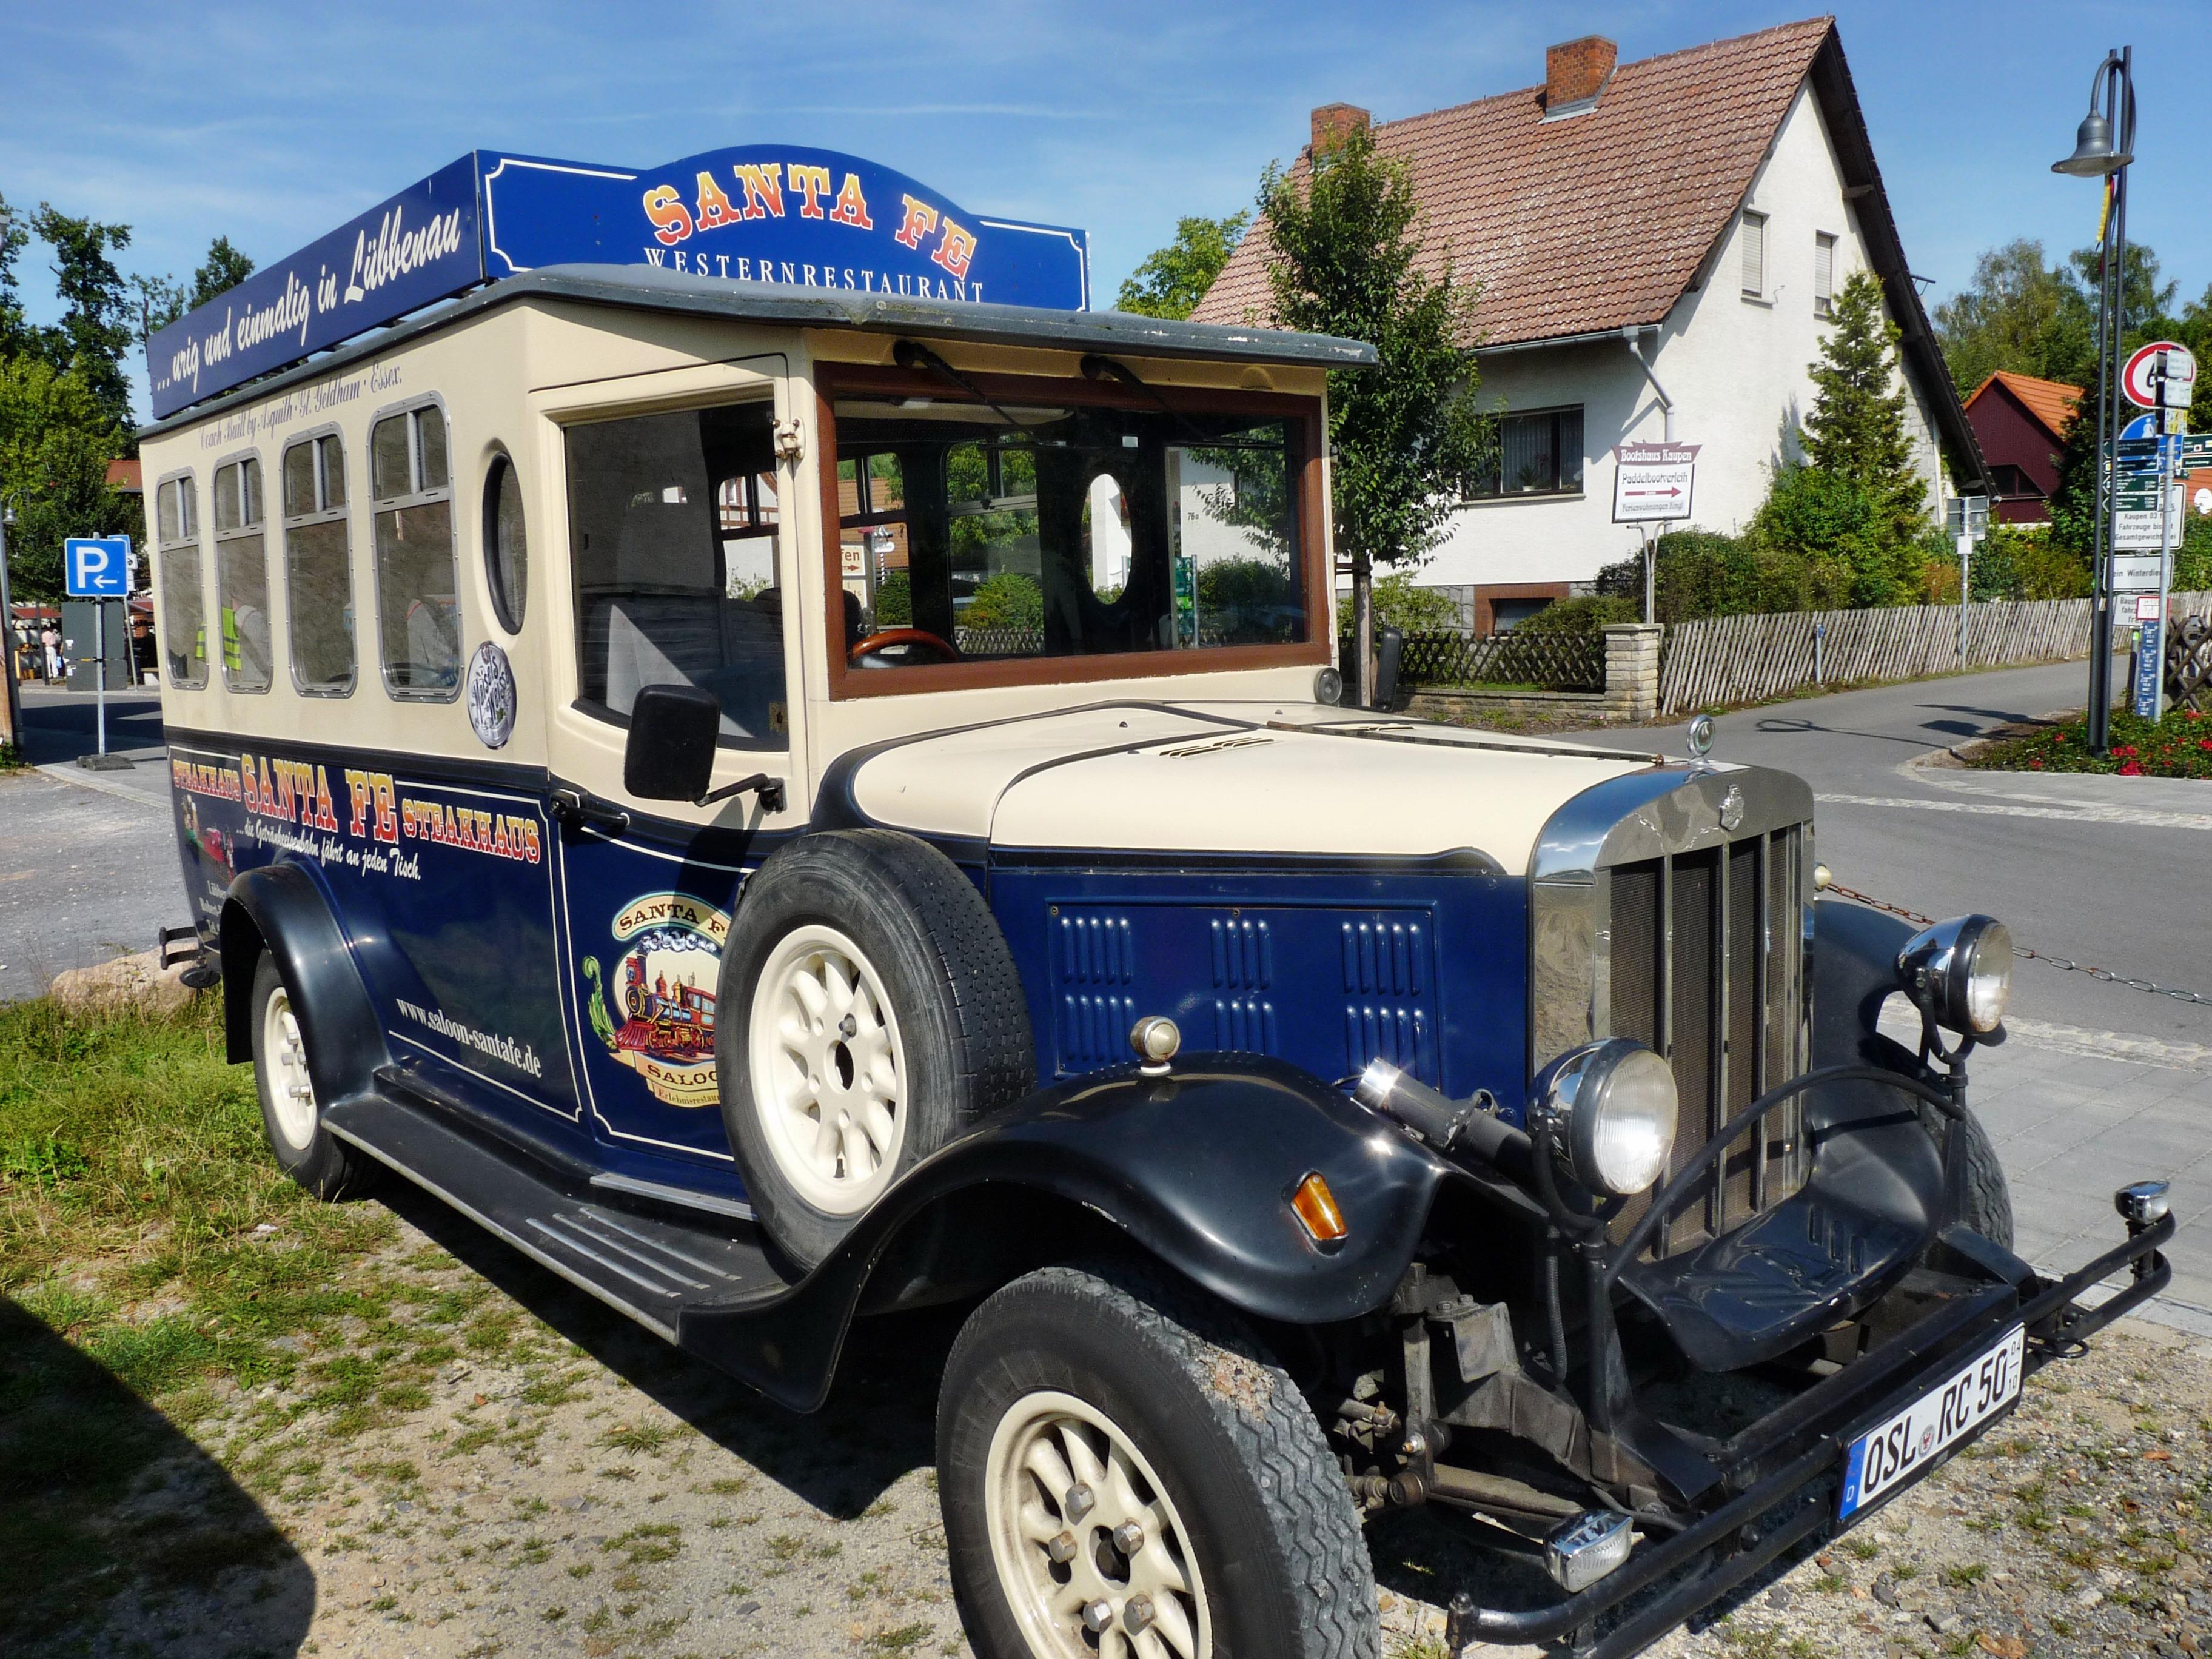 Free Images : truck, motor vehicle, vintage car, oldtimer, spreewald ...